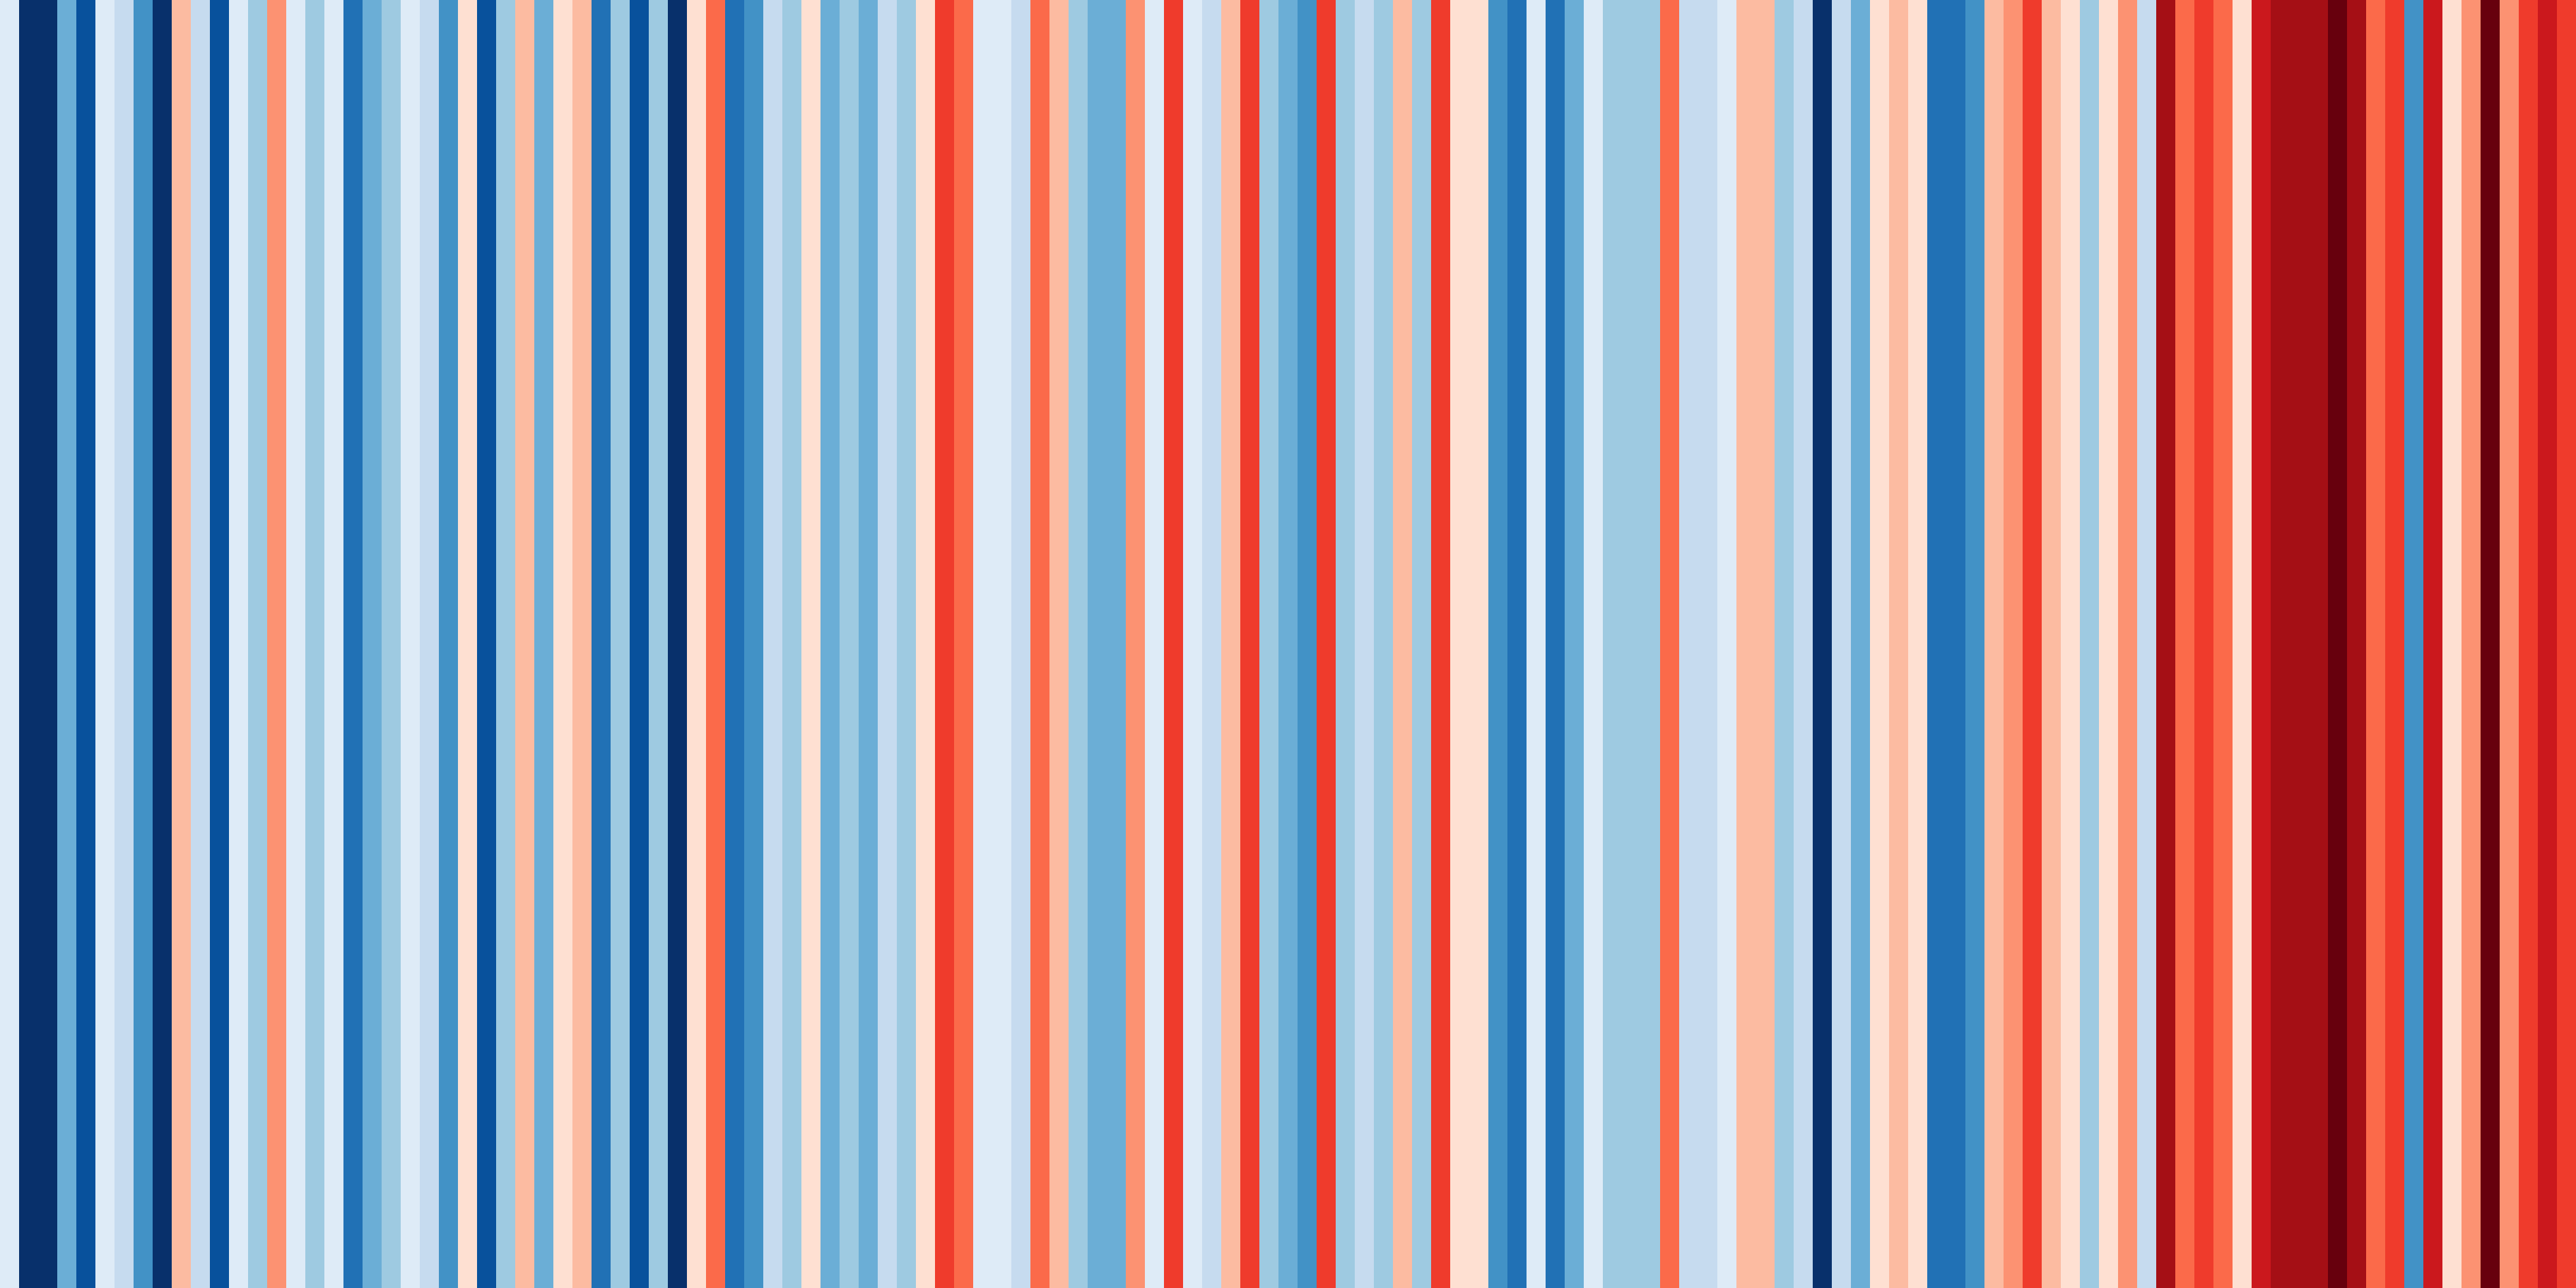 Annual temperature increase since 1884 in Scotland